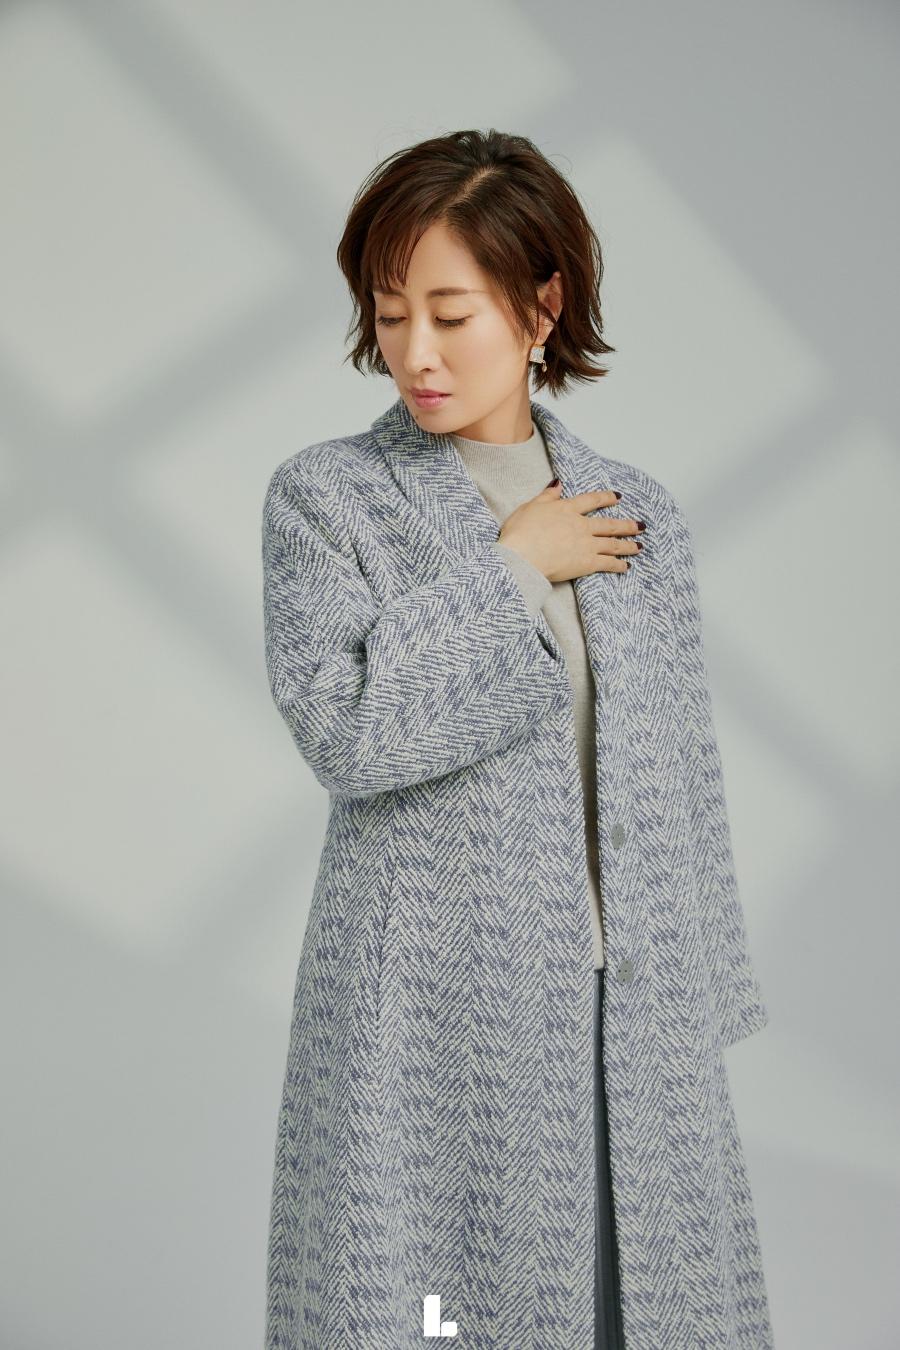 刘敏涛淡蓝色大衣显得整体高贵优雅.jpg